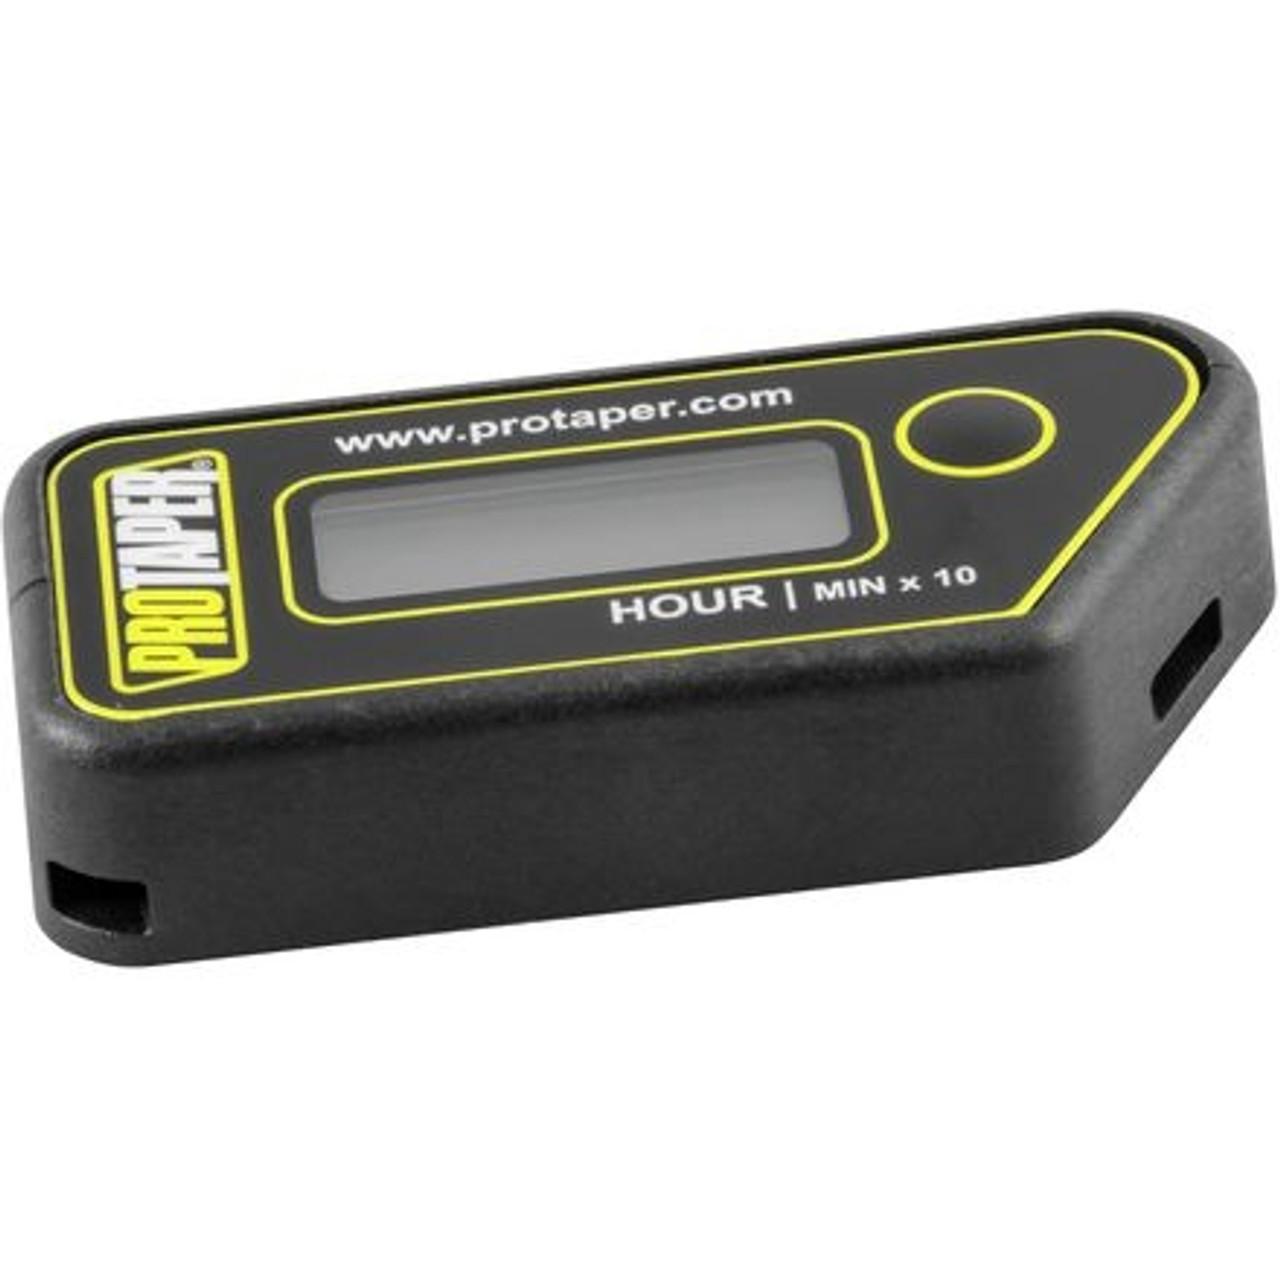 ProTaper Wireless Hour Meter 020685